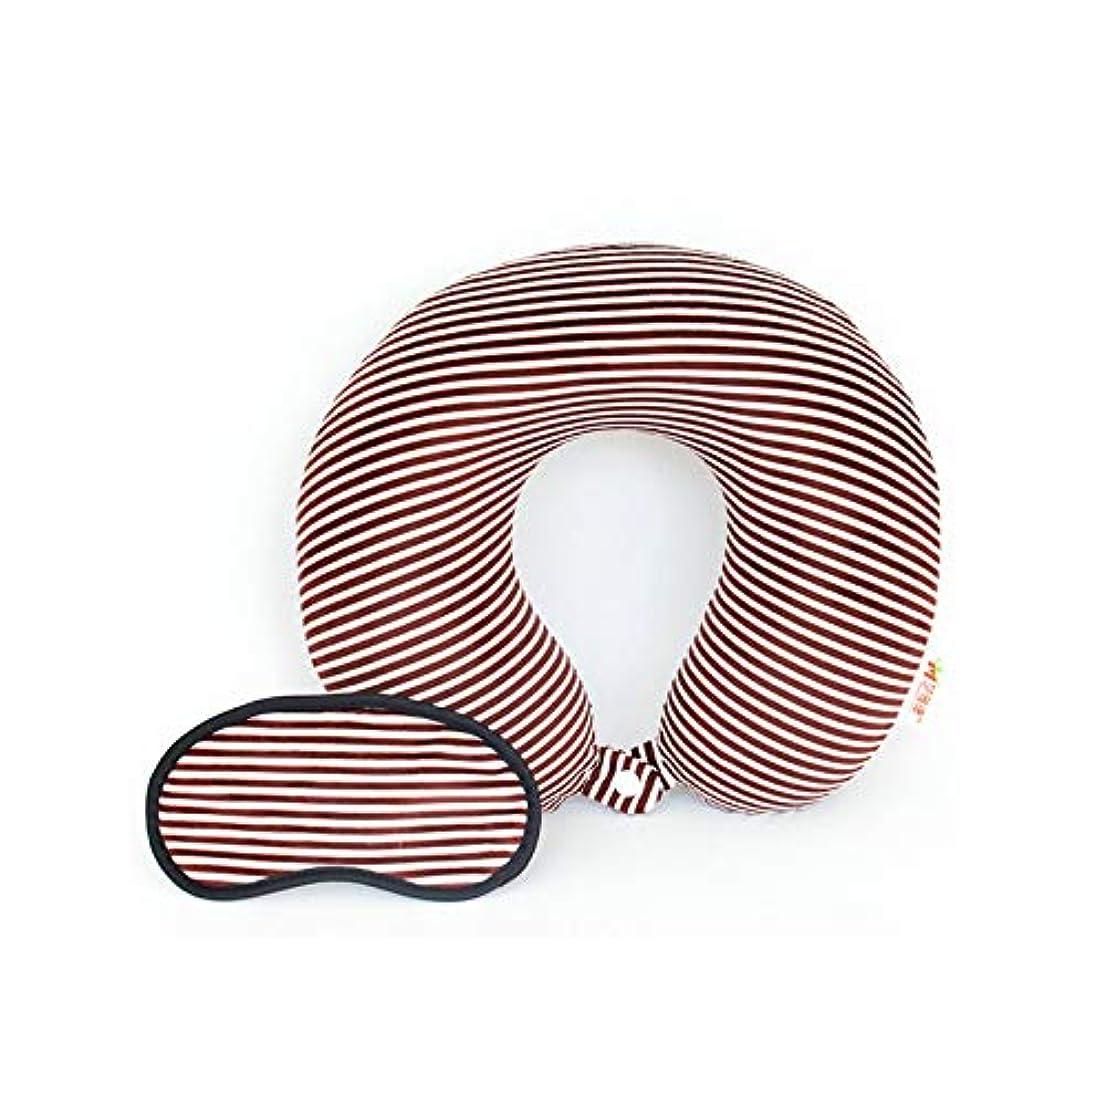 ましい忌避剤栄光SMART 装飾クッションソファ 幾何学プリントポリエステル正方形の枕ソファスロークッション家の装飾 coussin デ長椅子 クッション 椅子